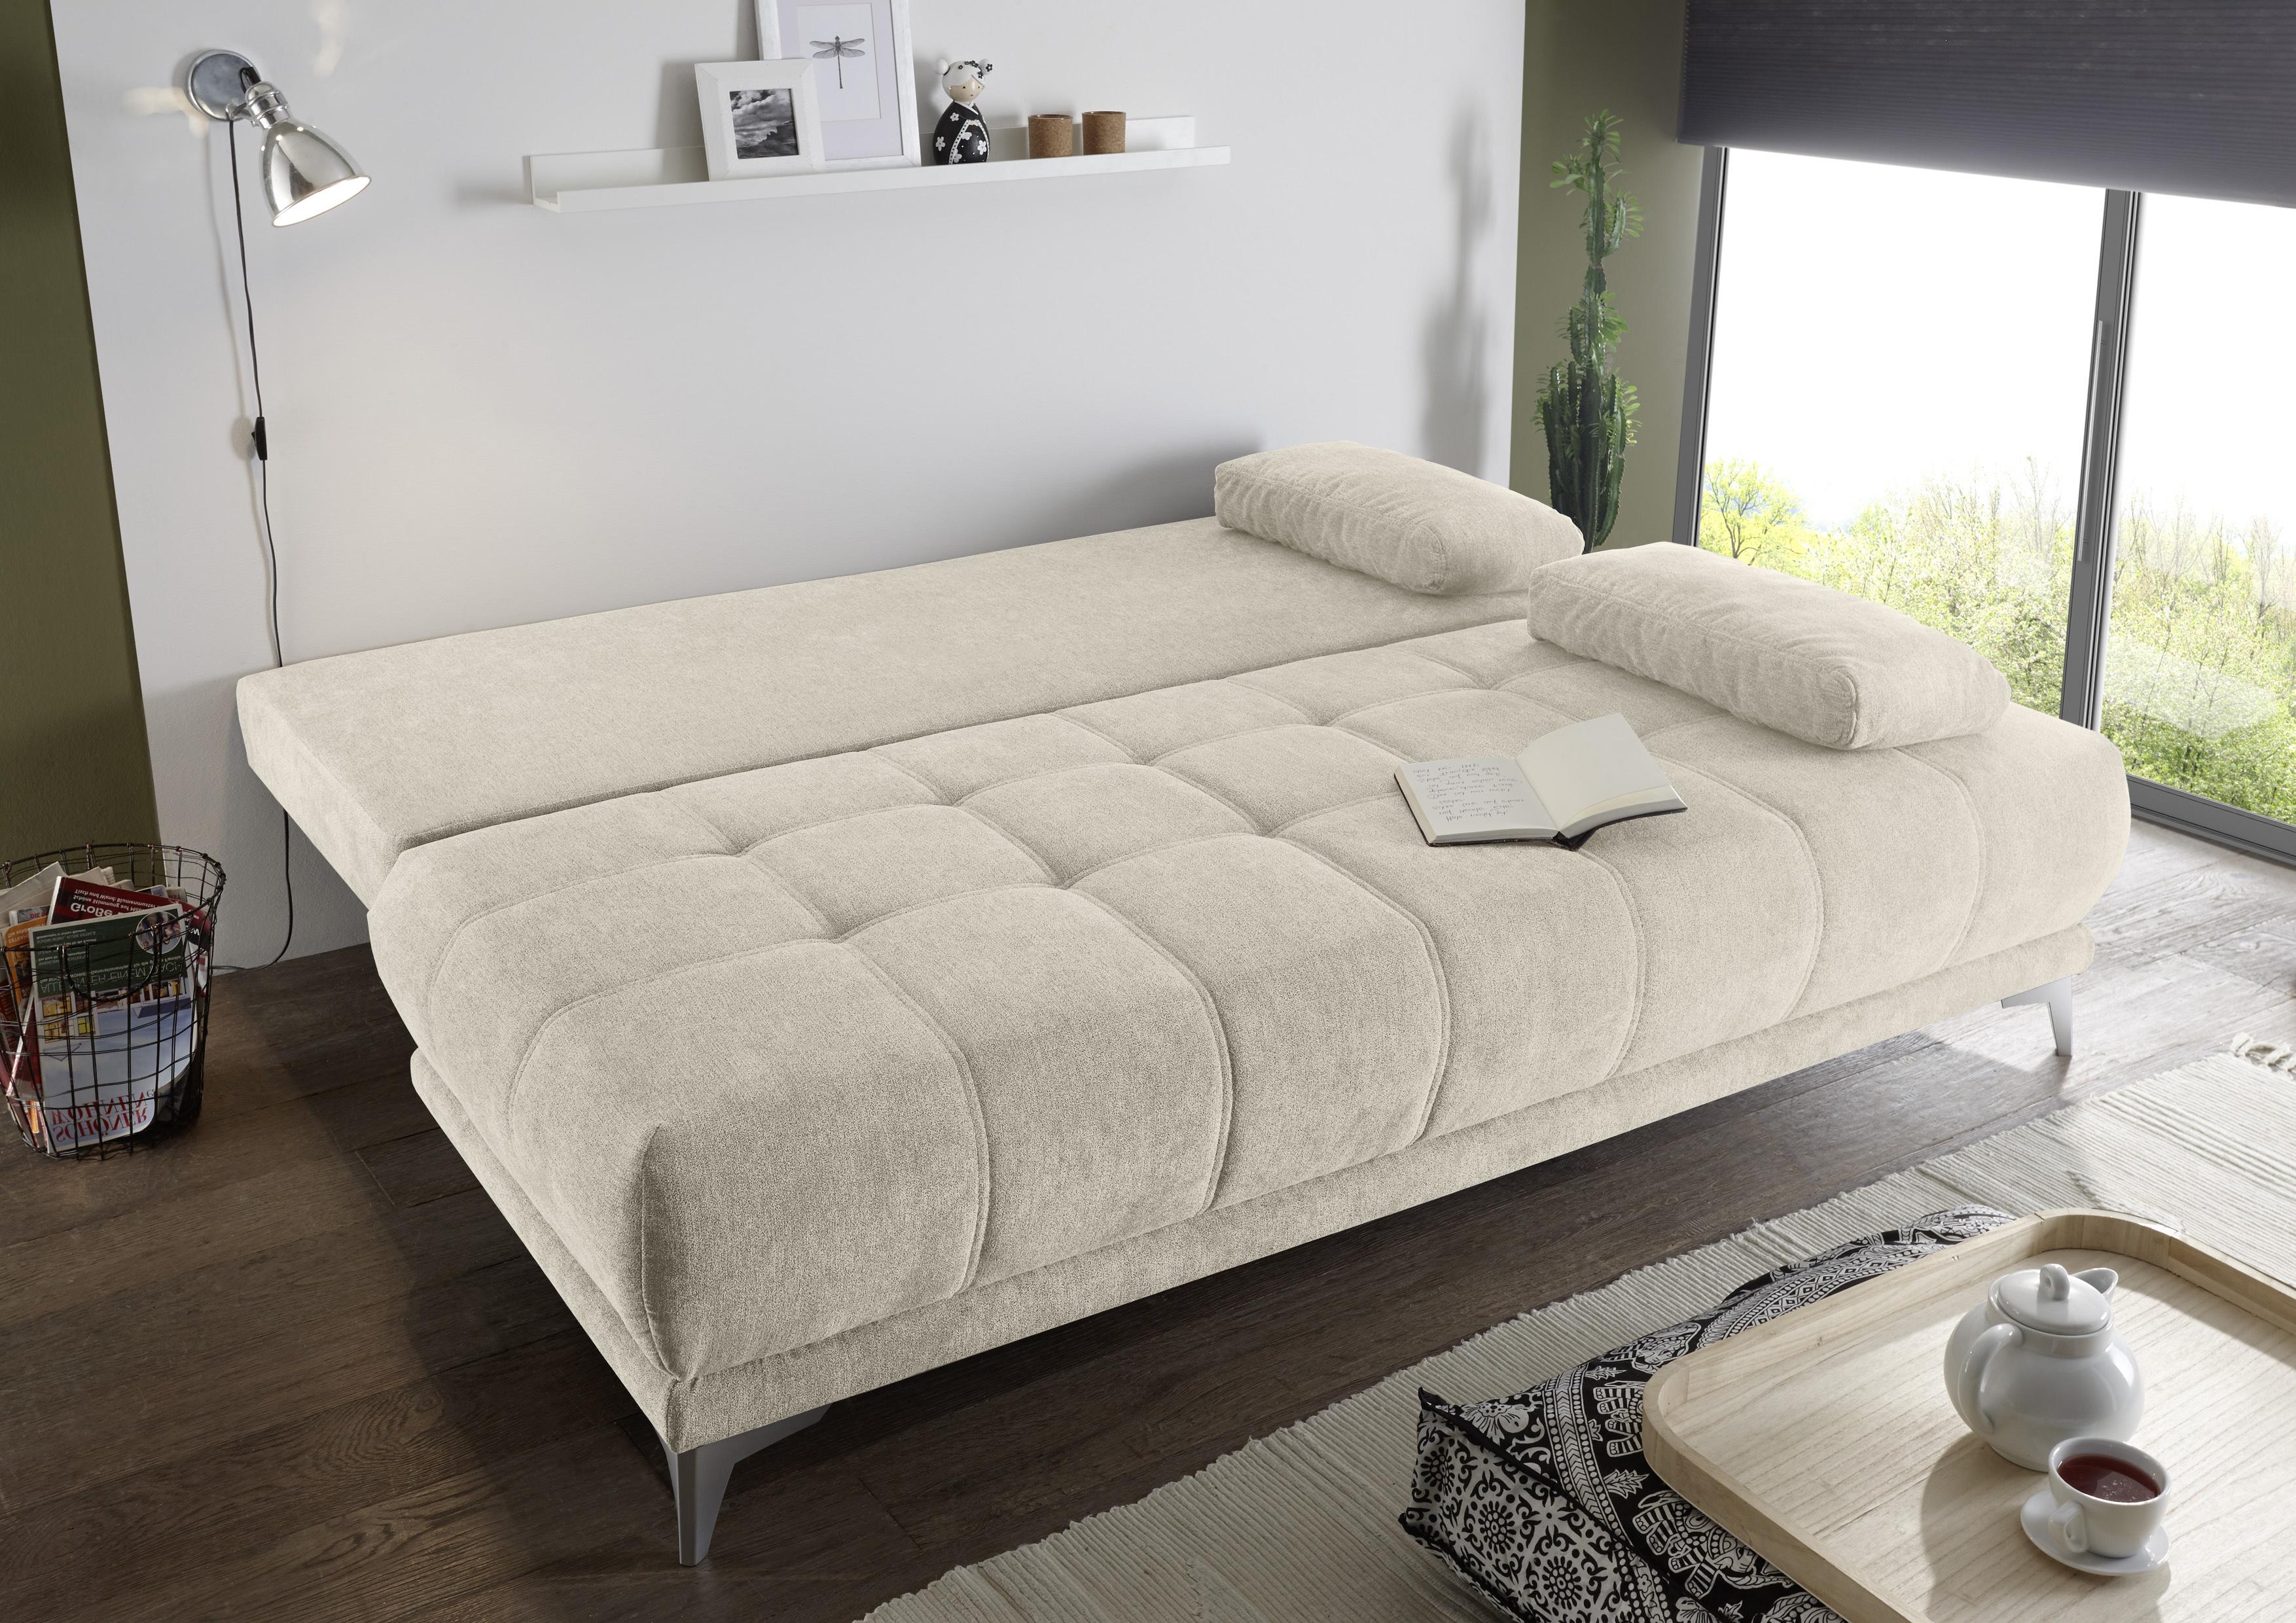 Couch Sofa Zweisitzer Jenny Schlafcouch Schlafsofa Ausziehbar Sand Beige 203cm Ebay